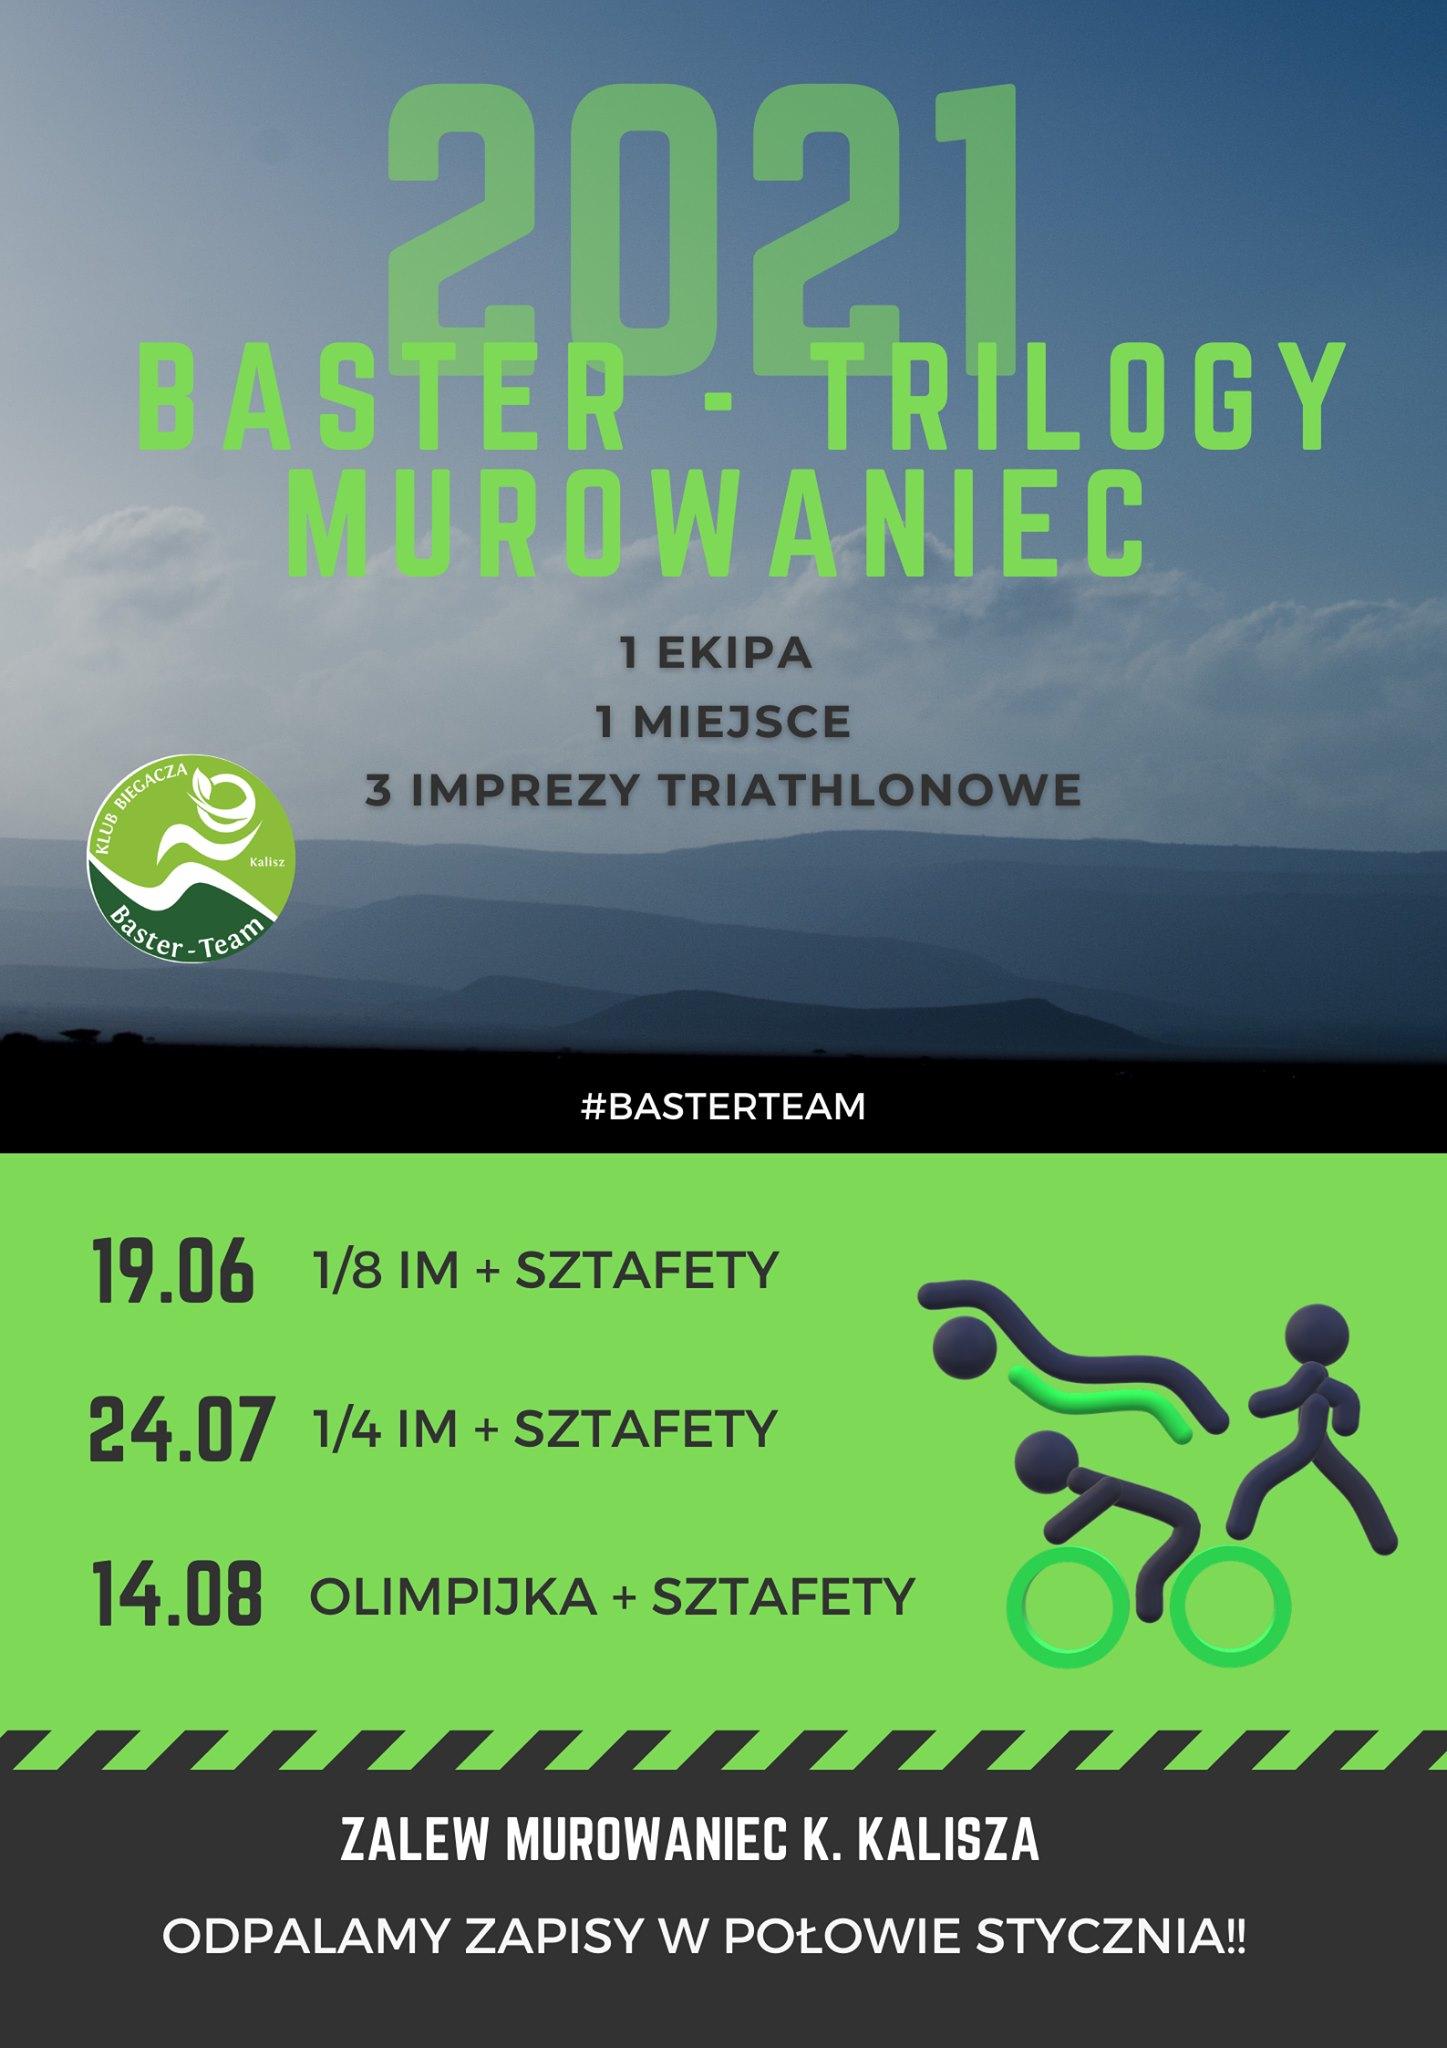 Logo Zawodów Baster Tri Murowaniec Triathlon 2021 - olimpijski